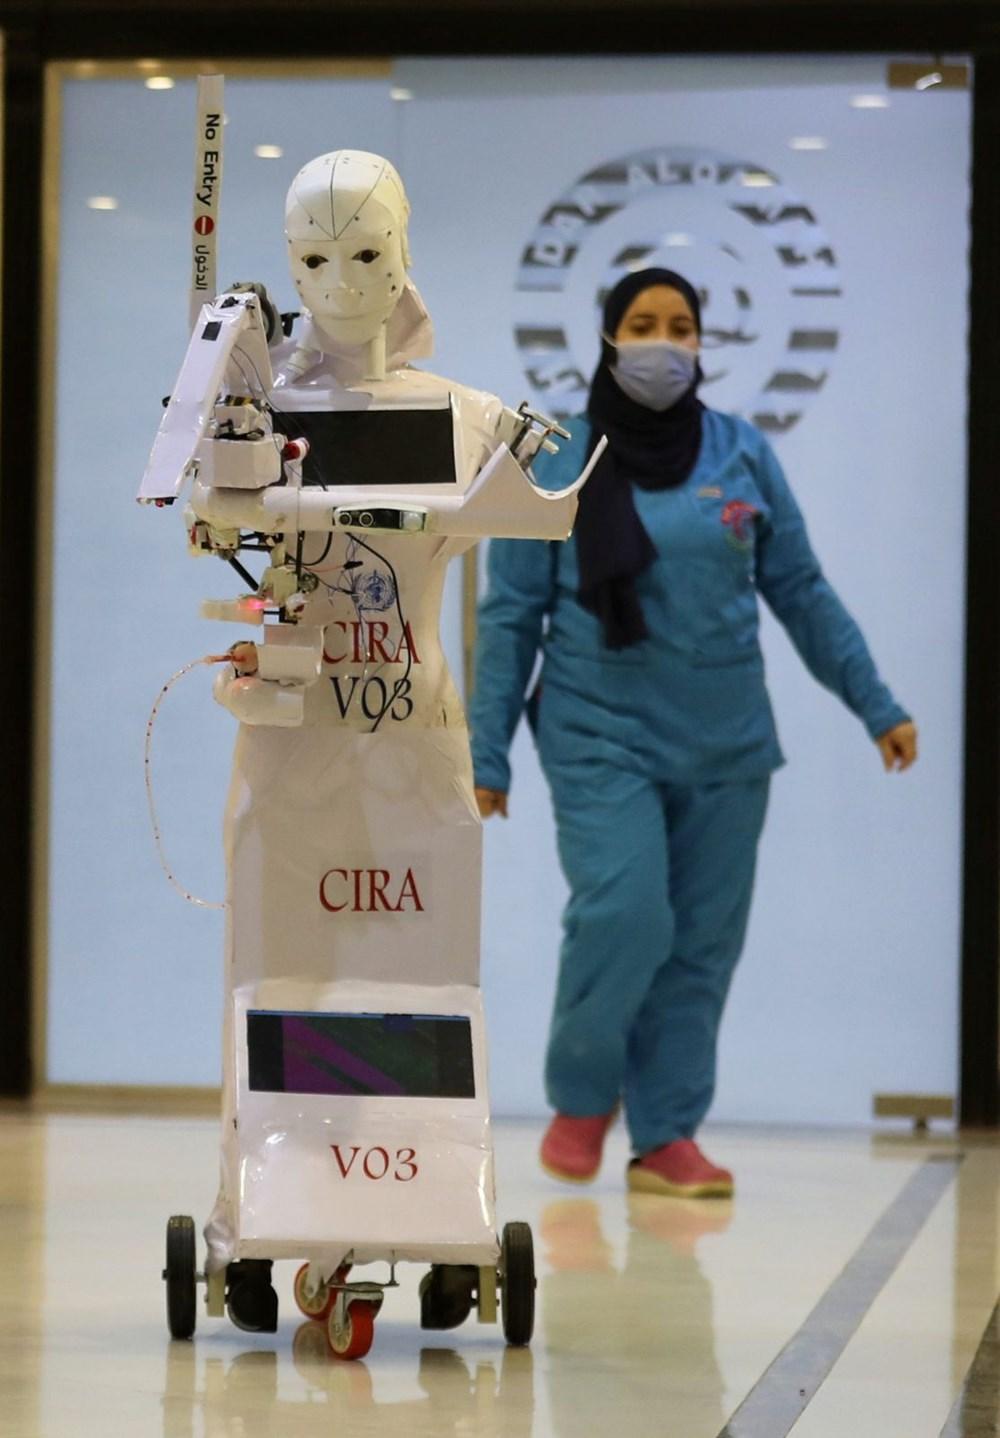 Mısır'da Covid-19'a karşı robotla mücadele - 3